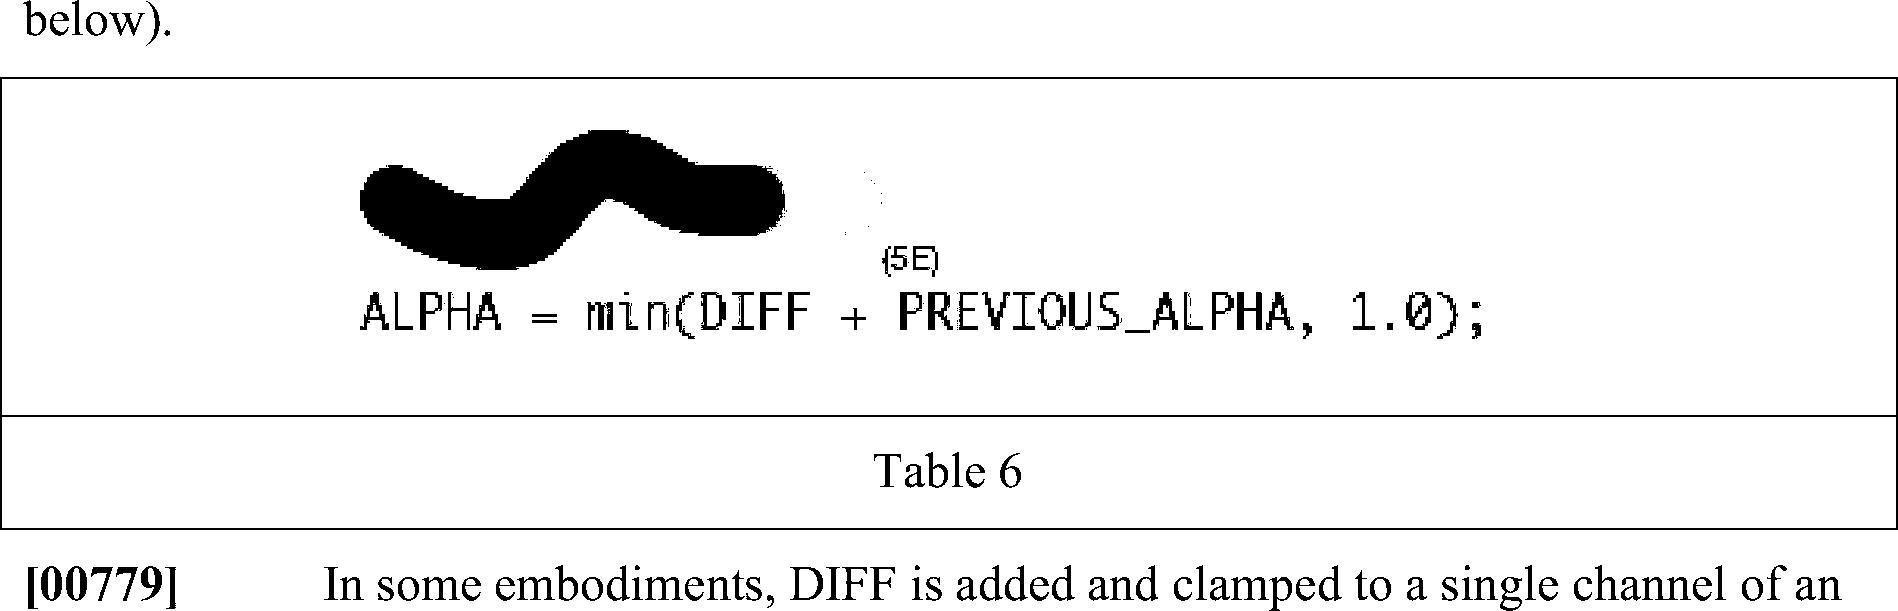 Figure AU2019283863B2_D0003